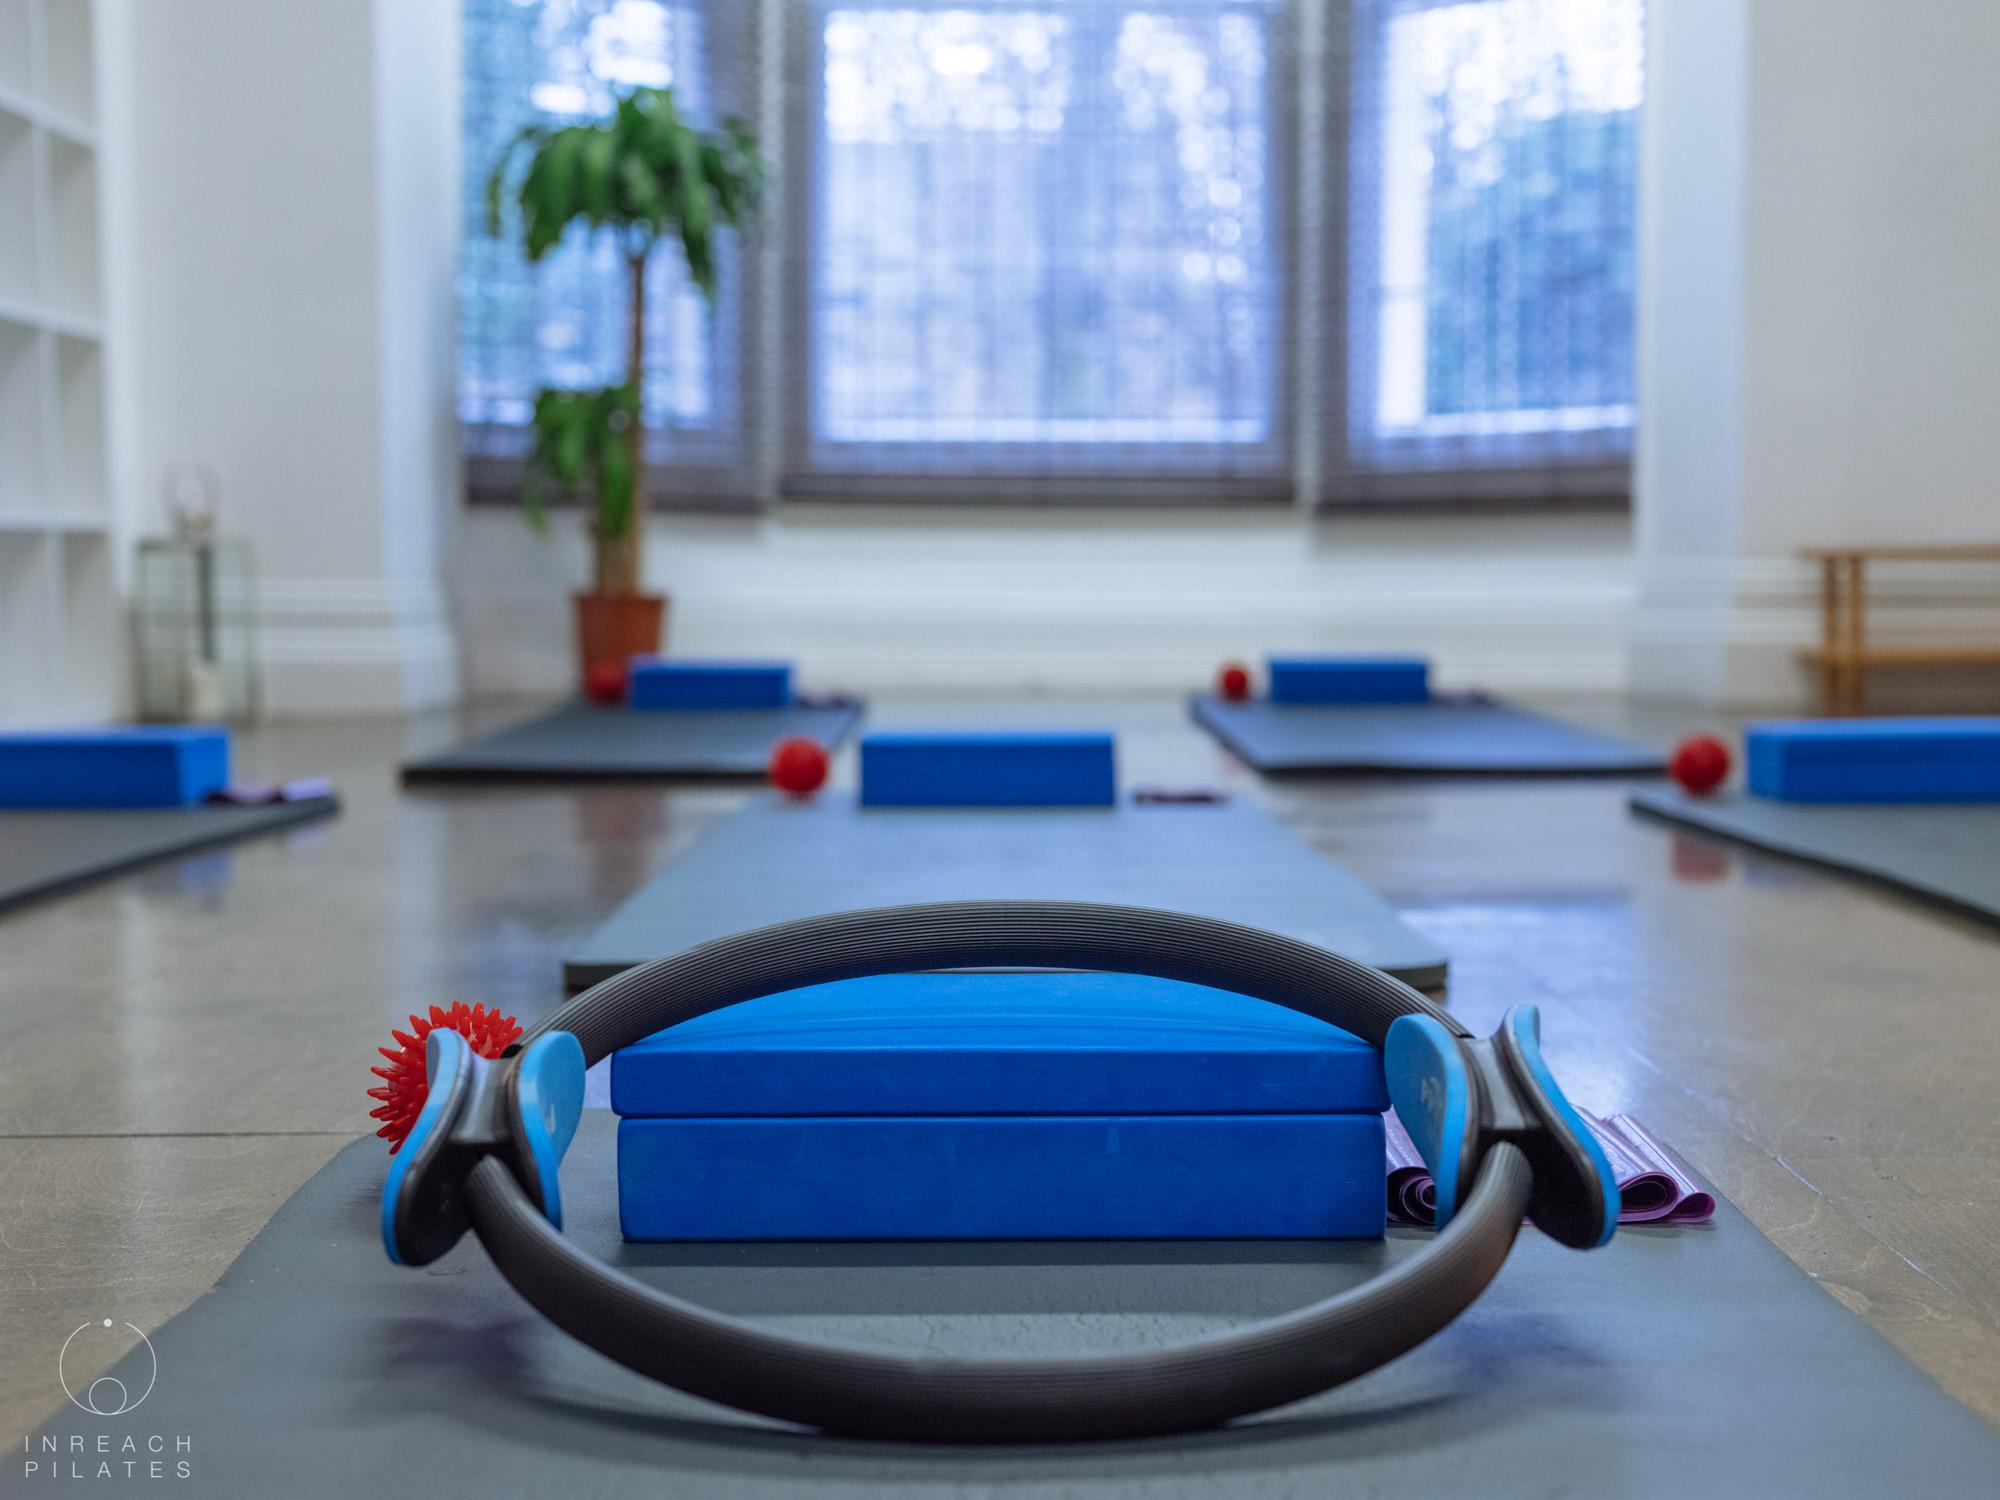 Magic circles in the pilates studio